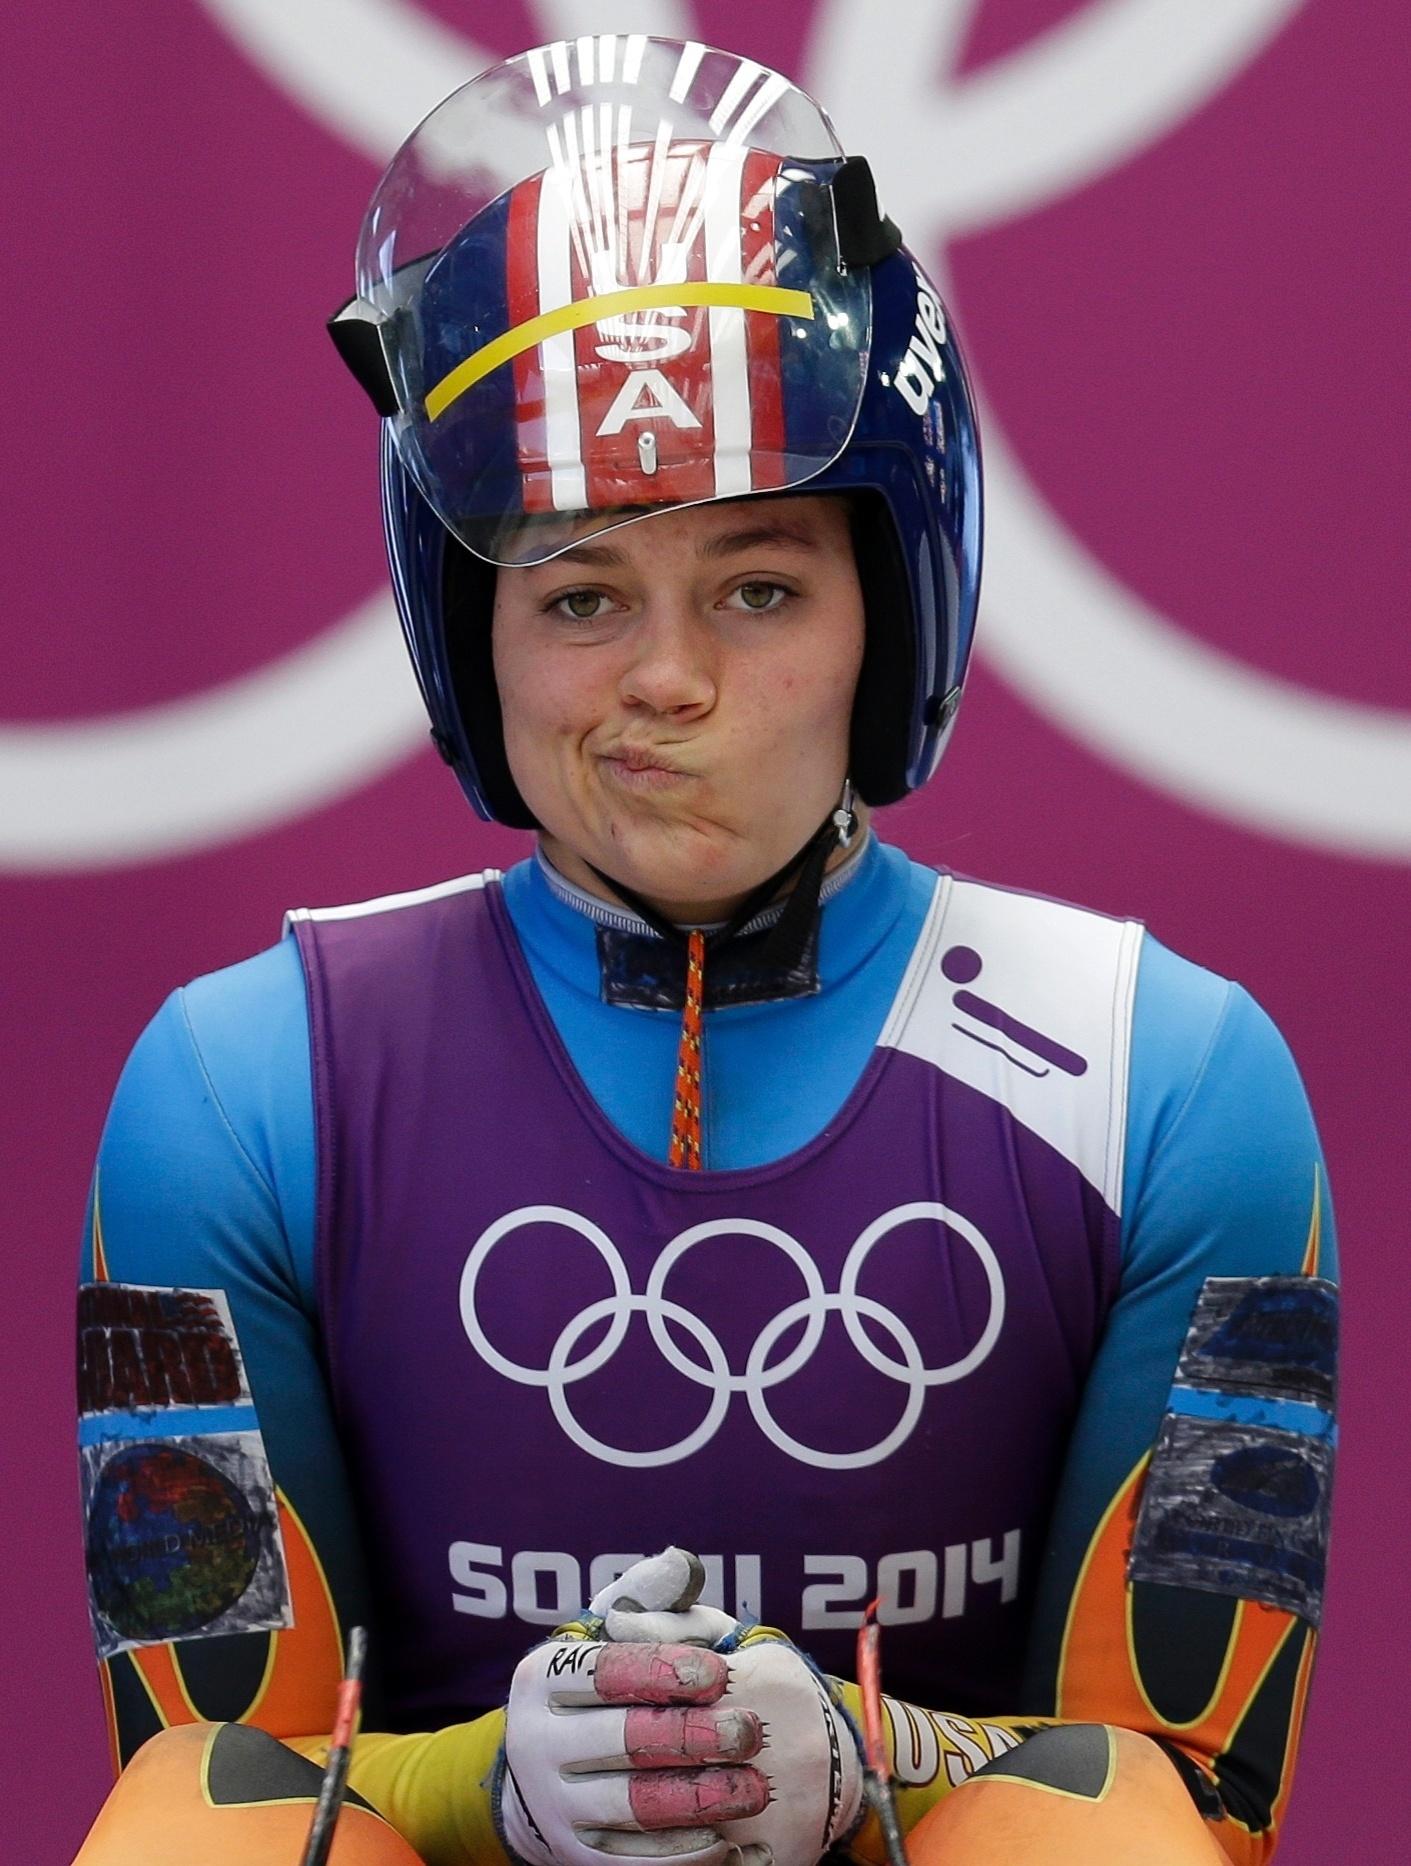 08.02.2014 - Norte-americana Kate Hansen faz biquinho aguardando o início da prova do luge